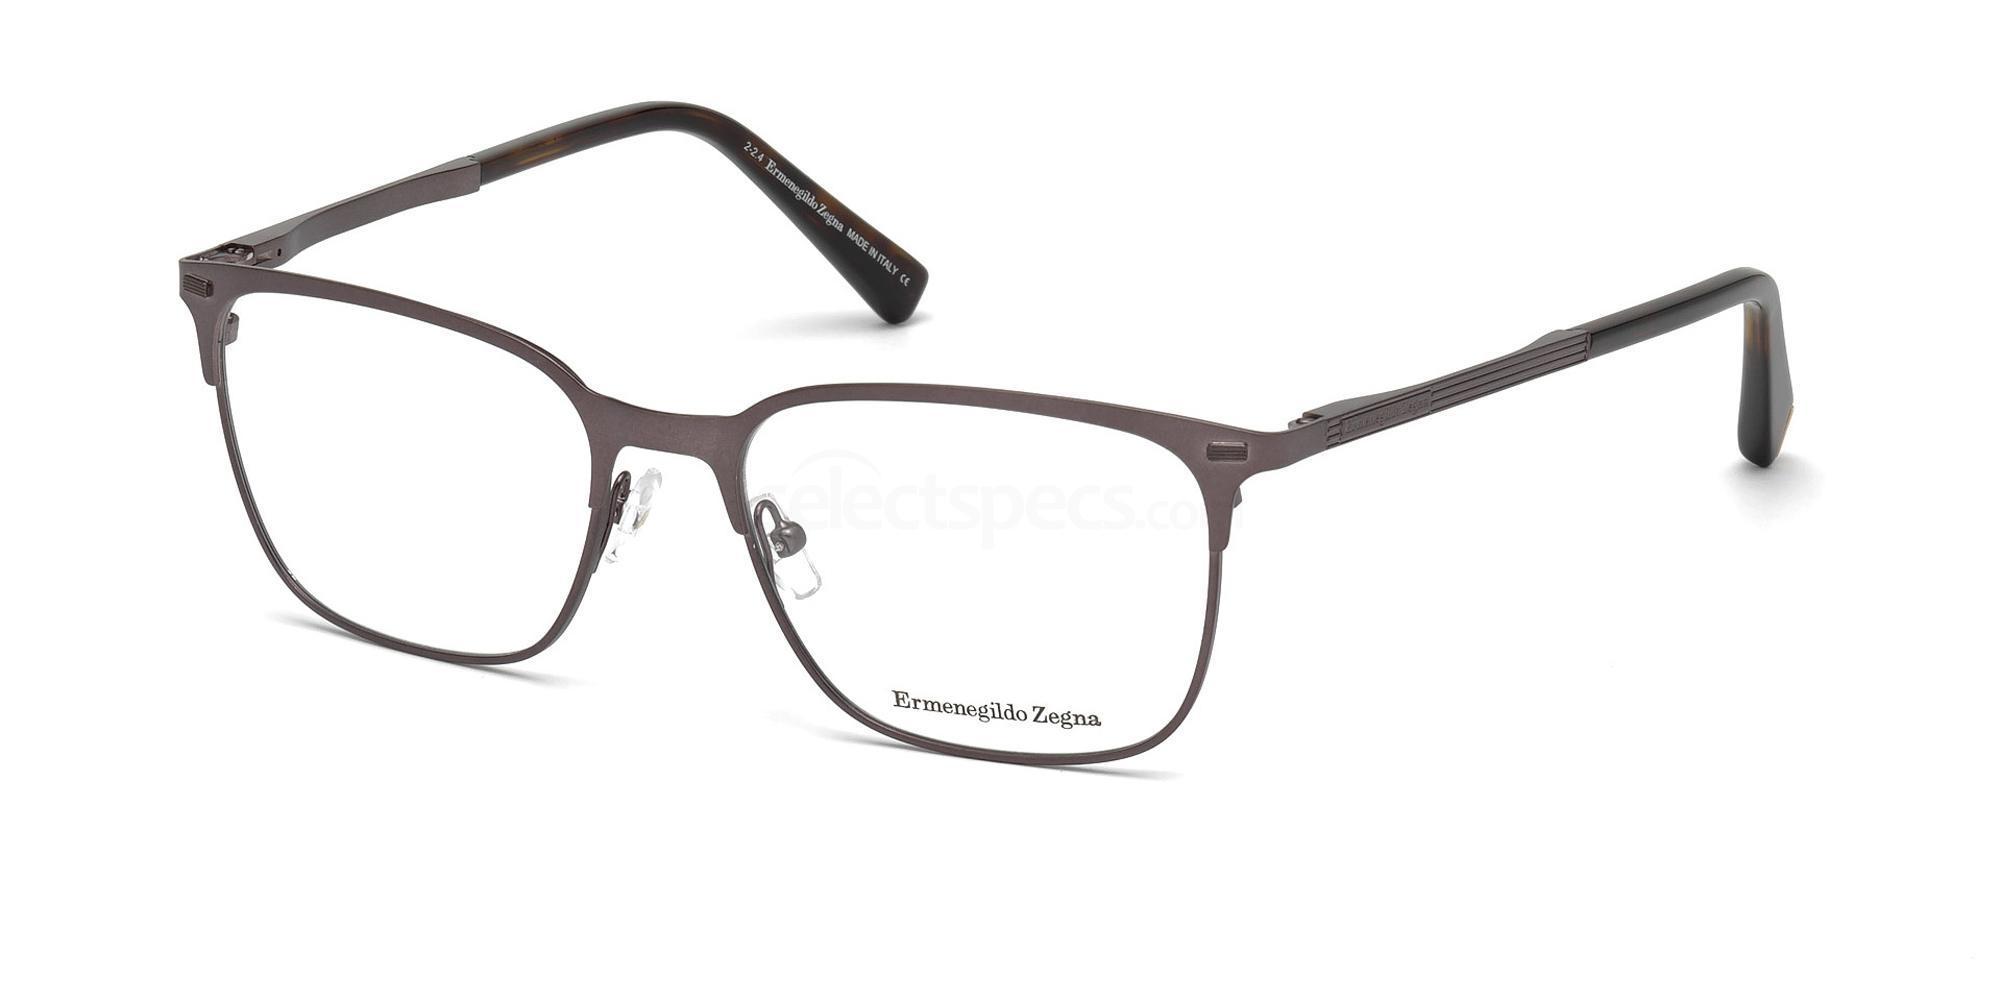 035 EZ5019 Glasses, Ermenegildo Zegna